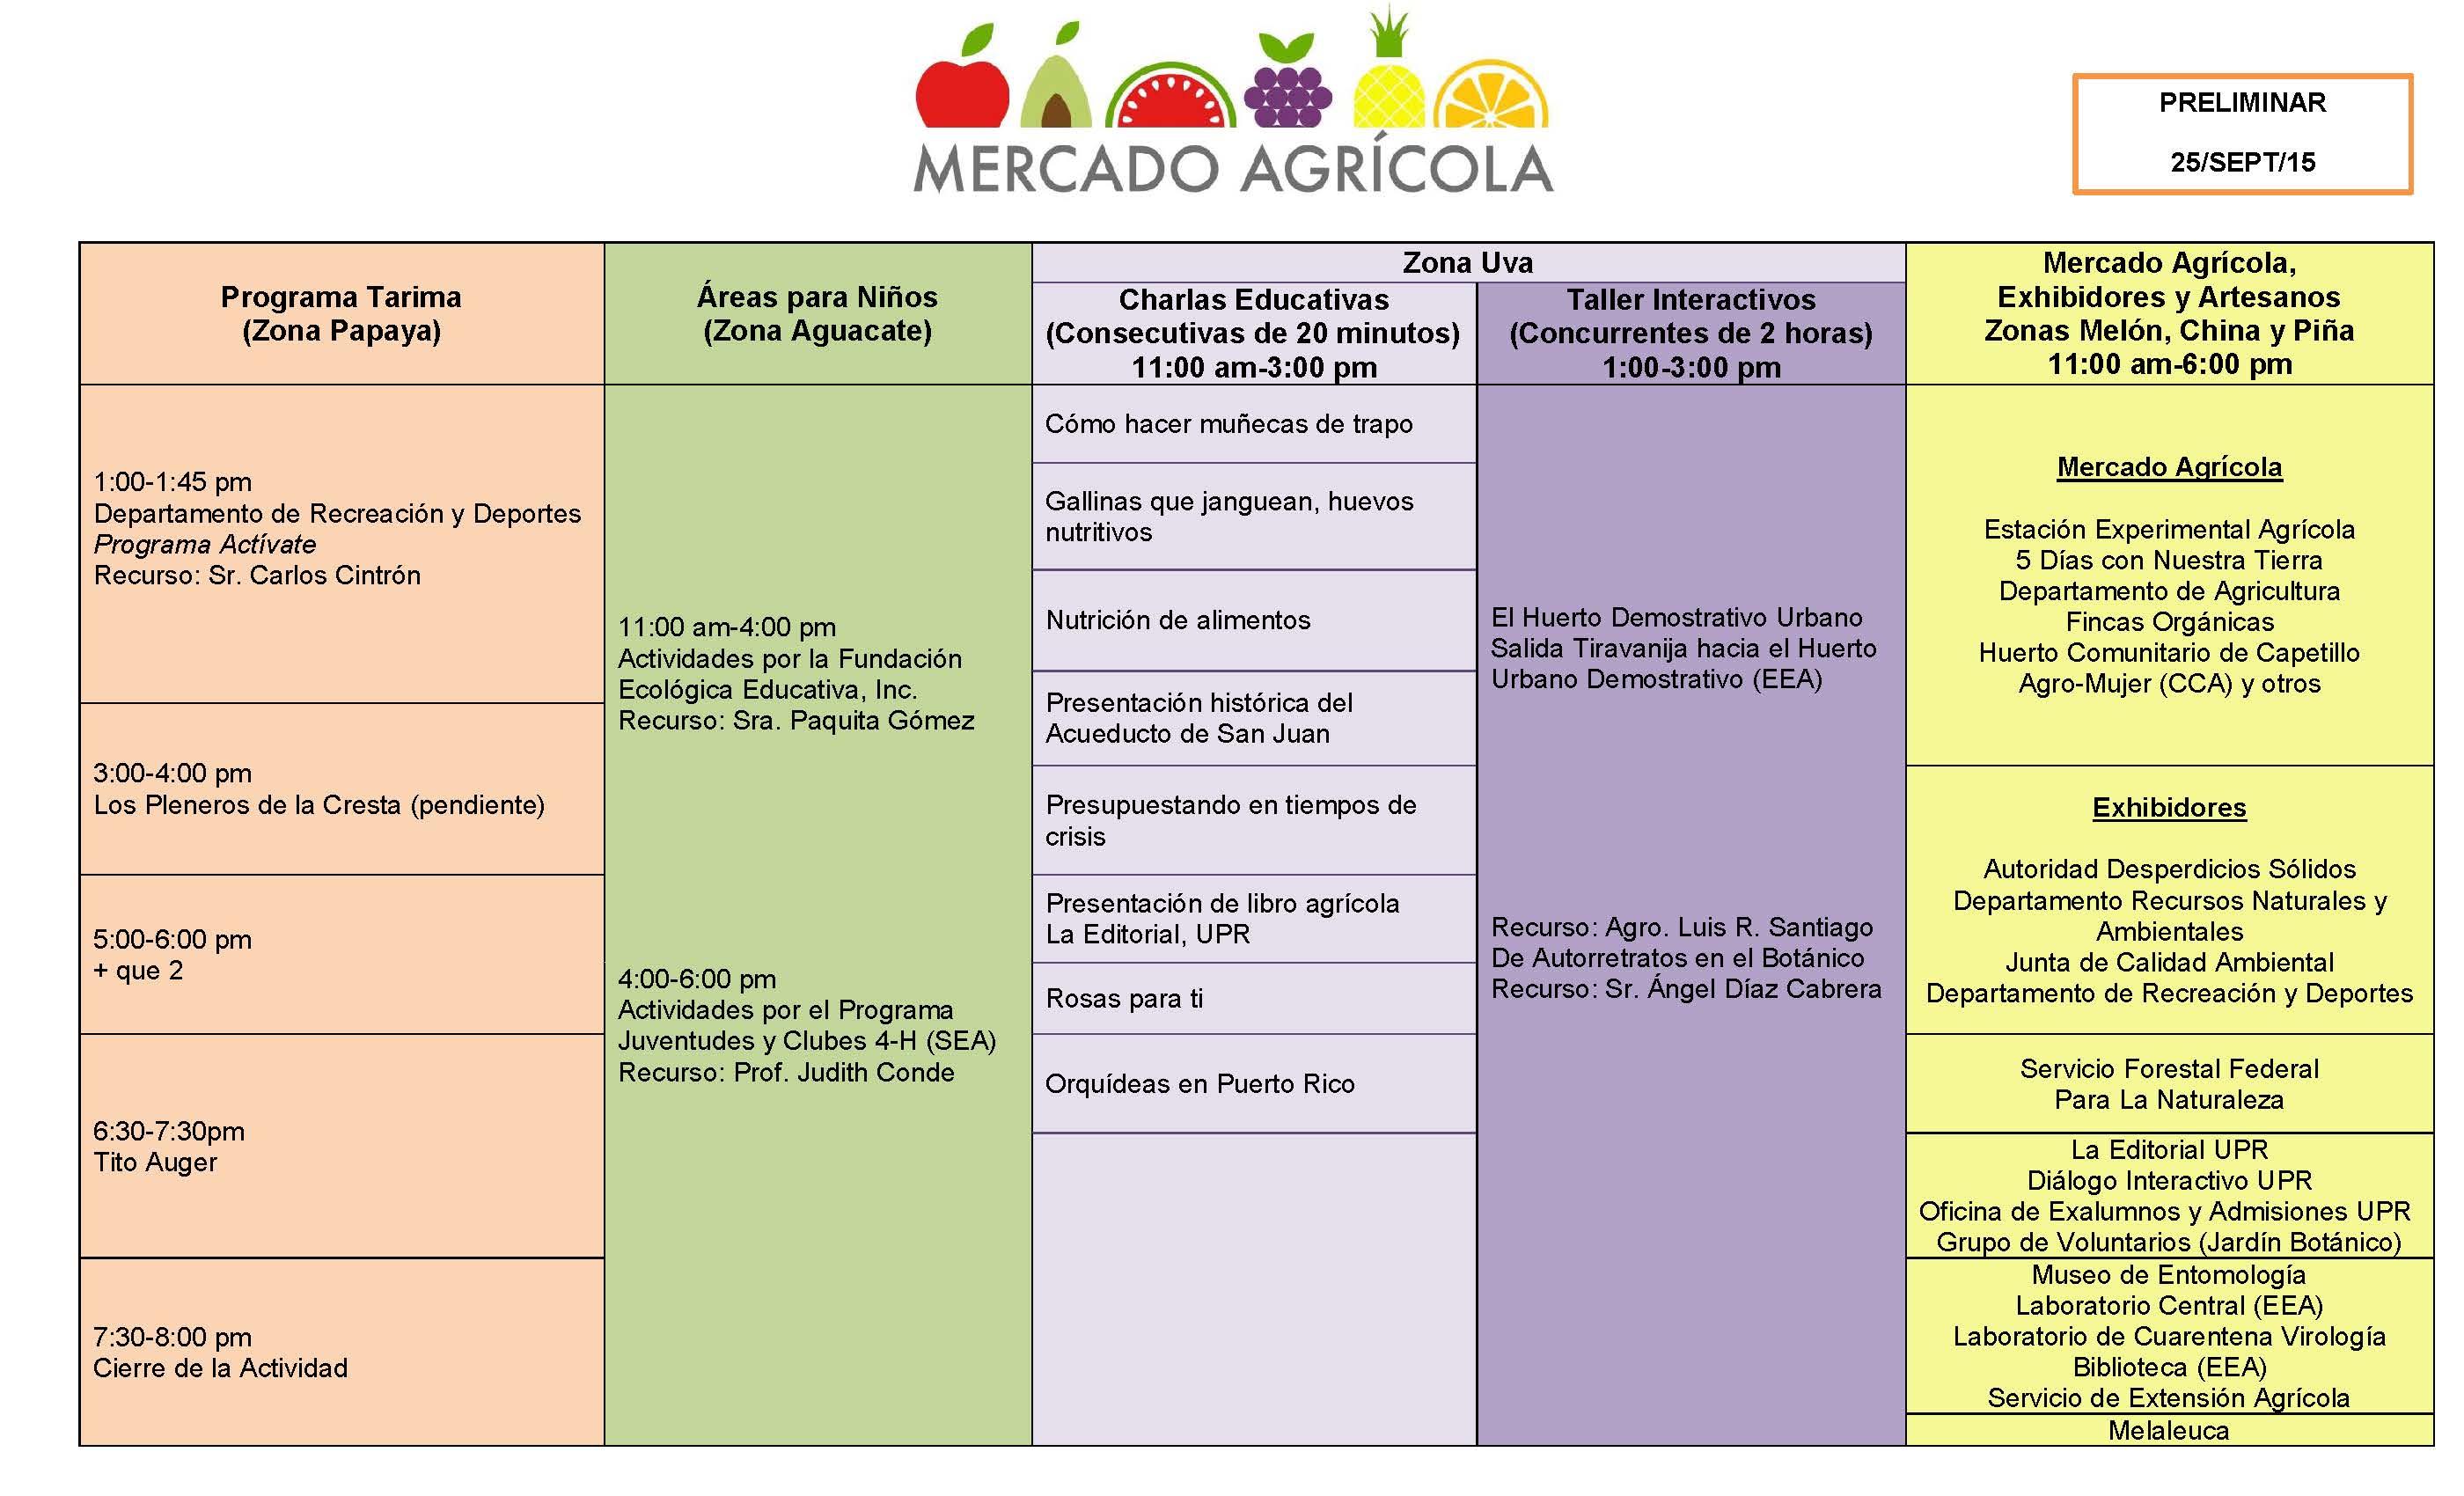 TABLA EN COLORES 25 SEPT 15_Page_1